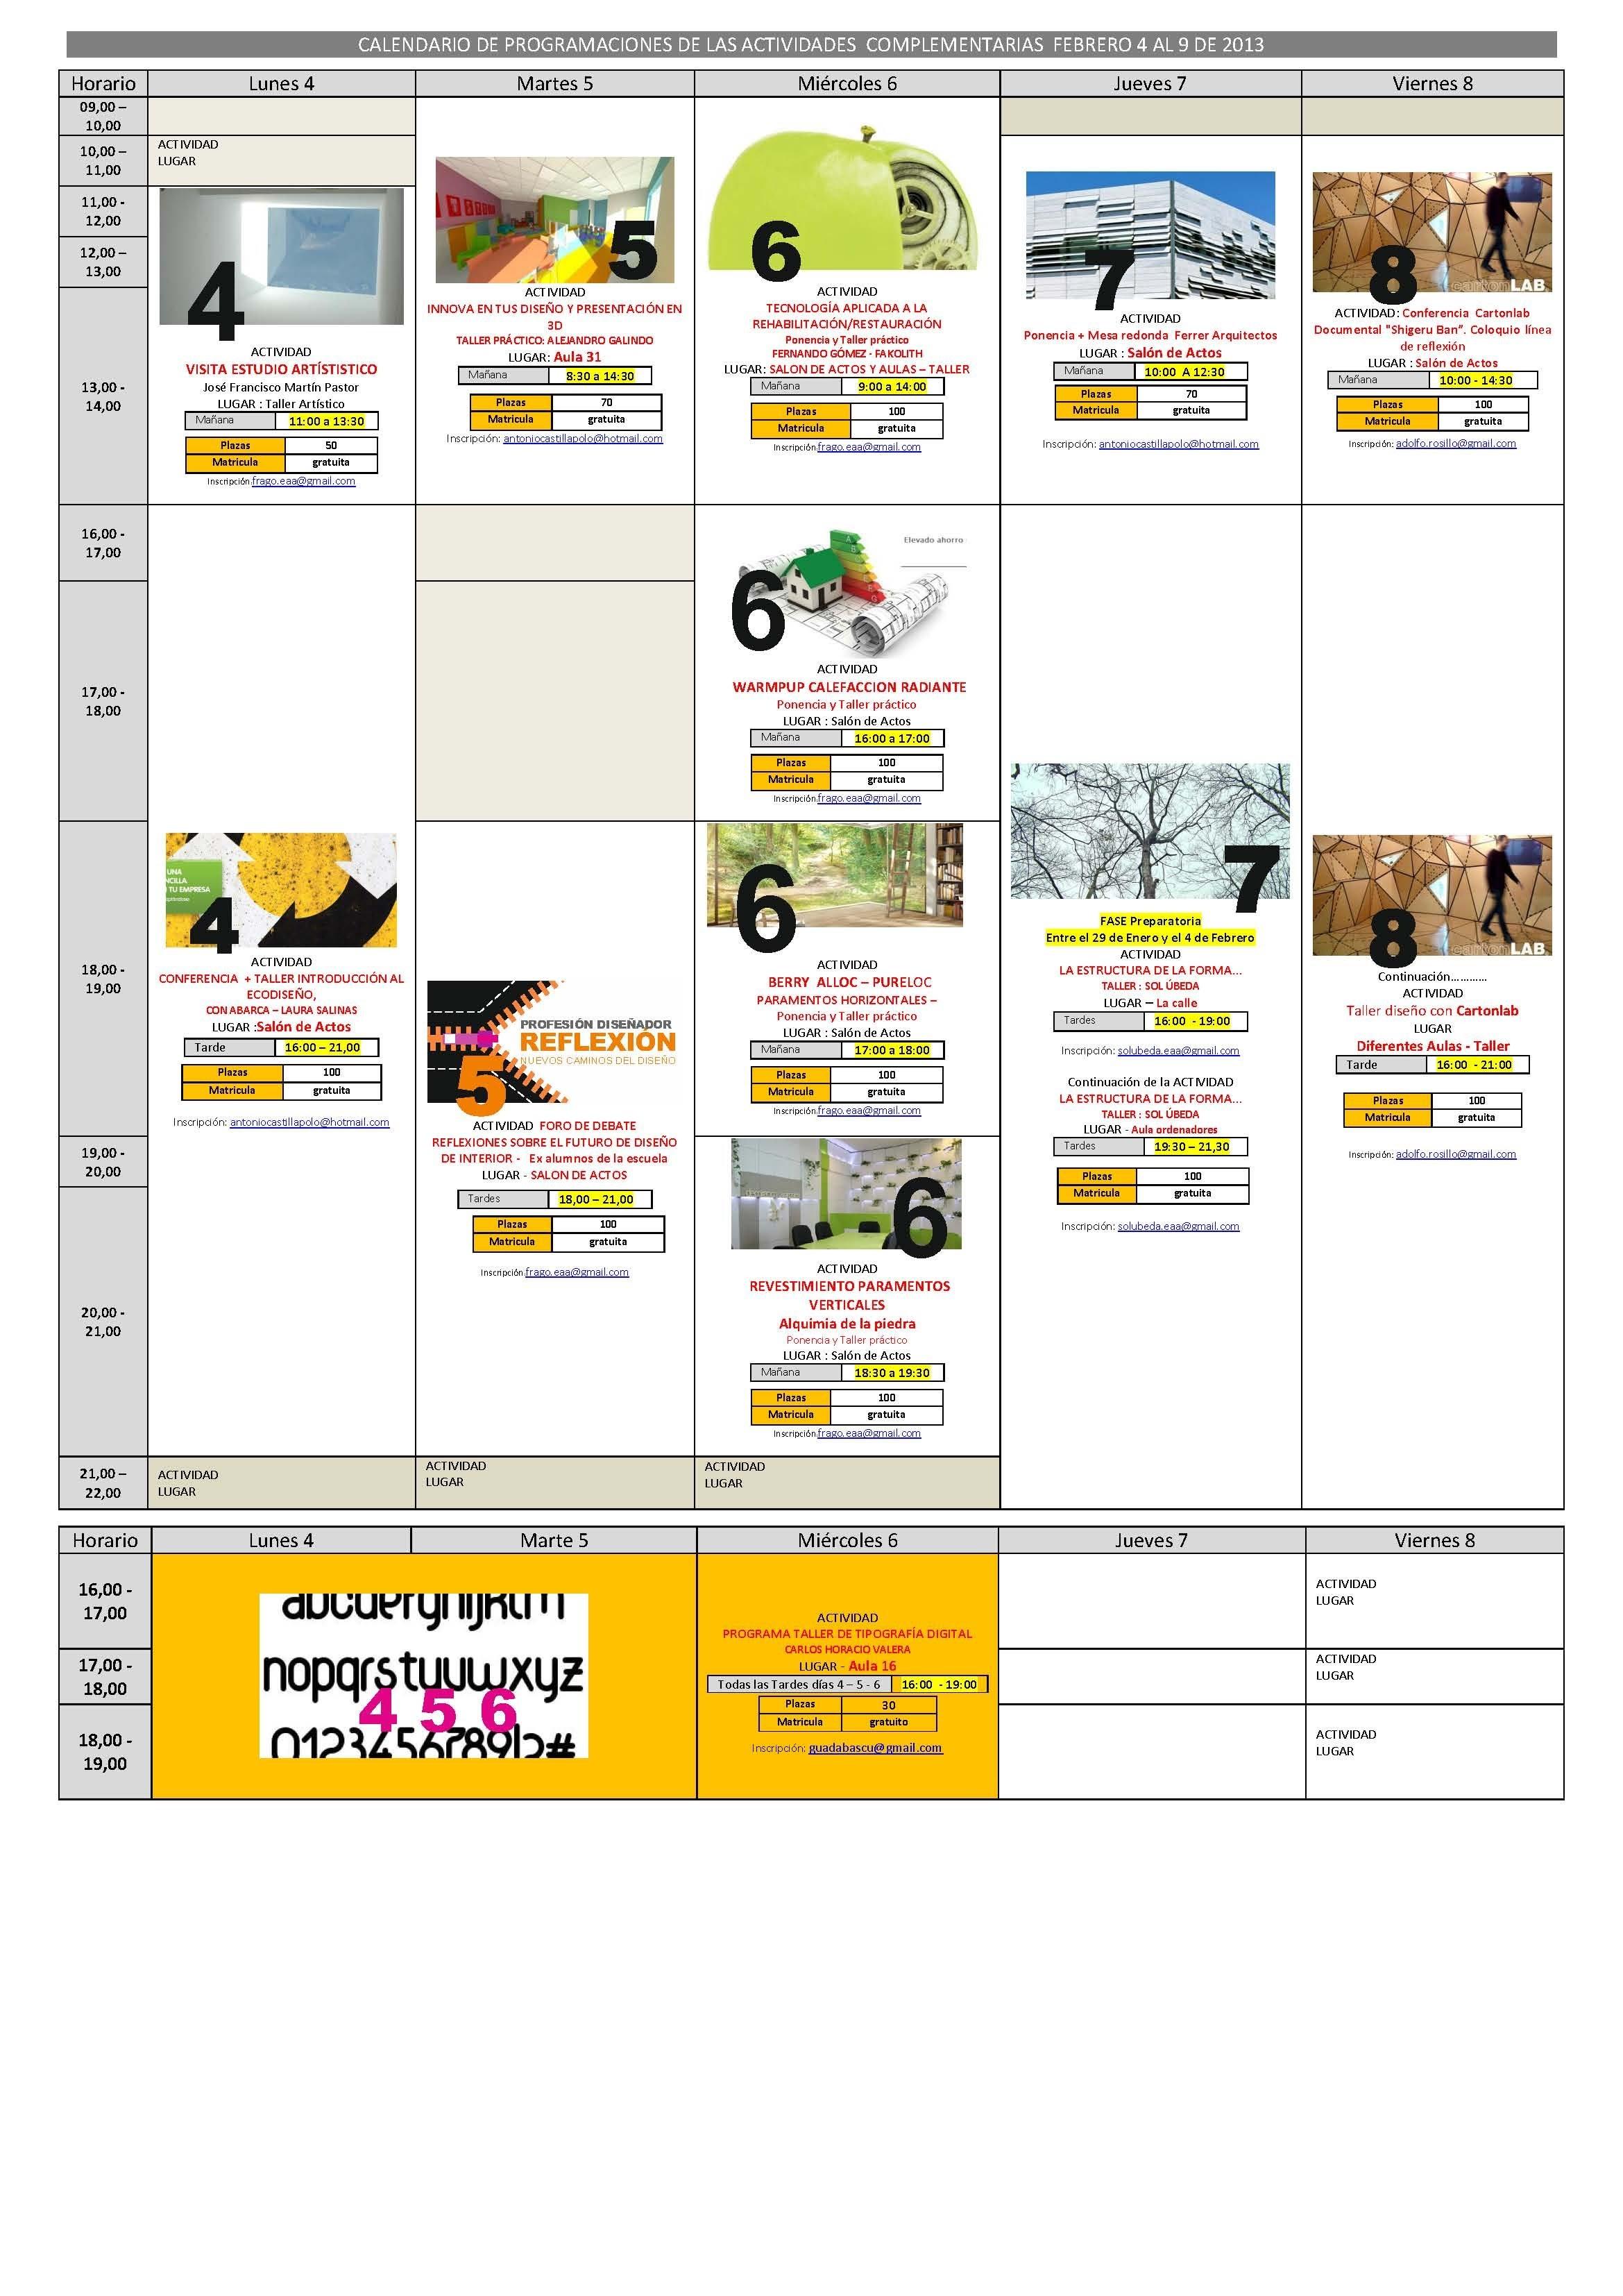 Diseo De Calendario Beautiful Color With Diseo De Calendario With